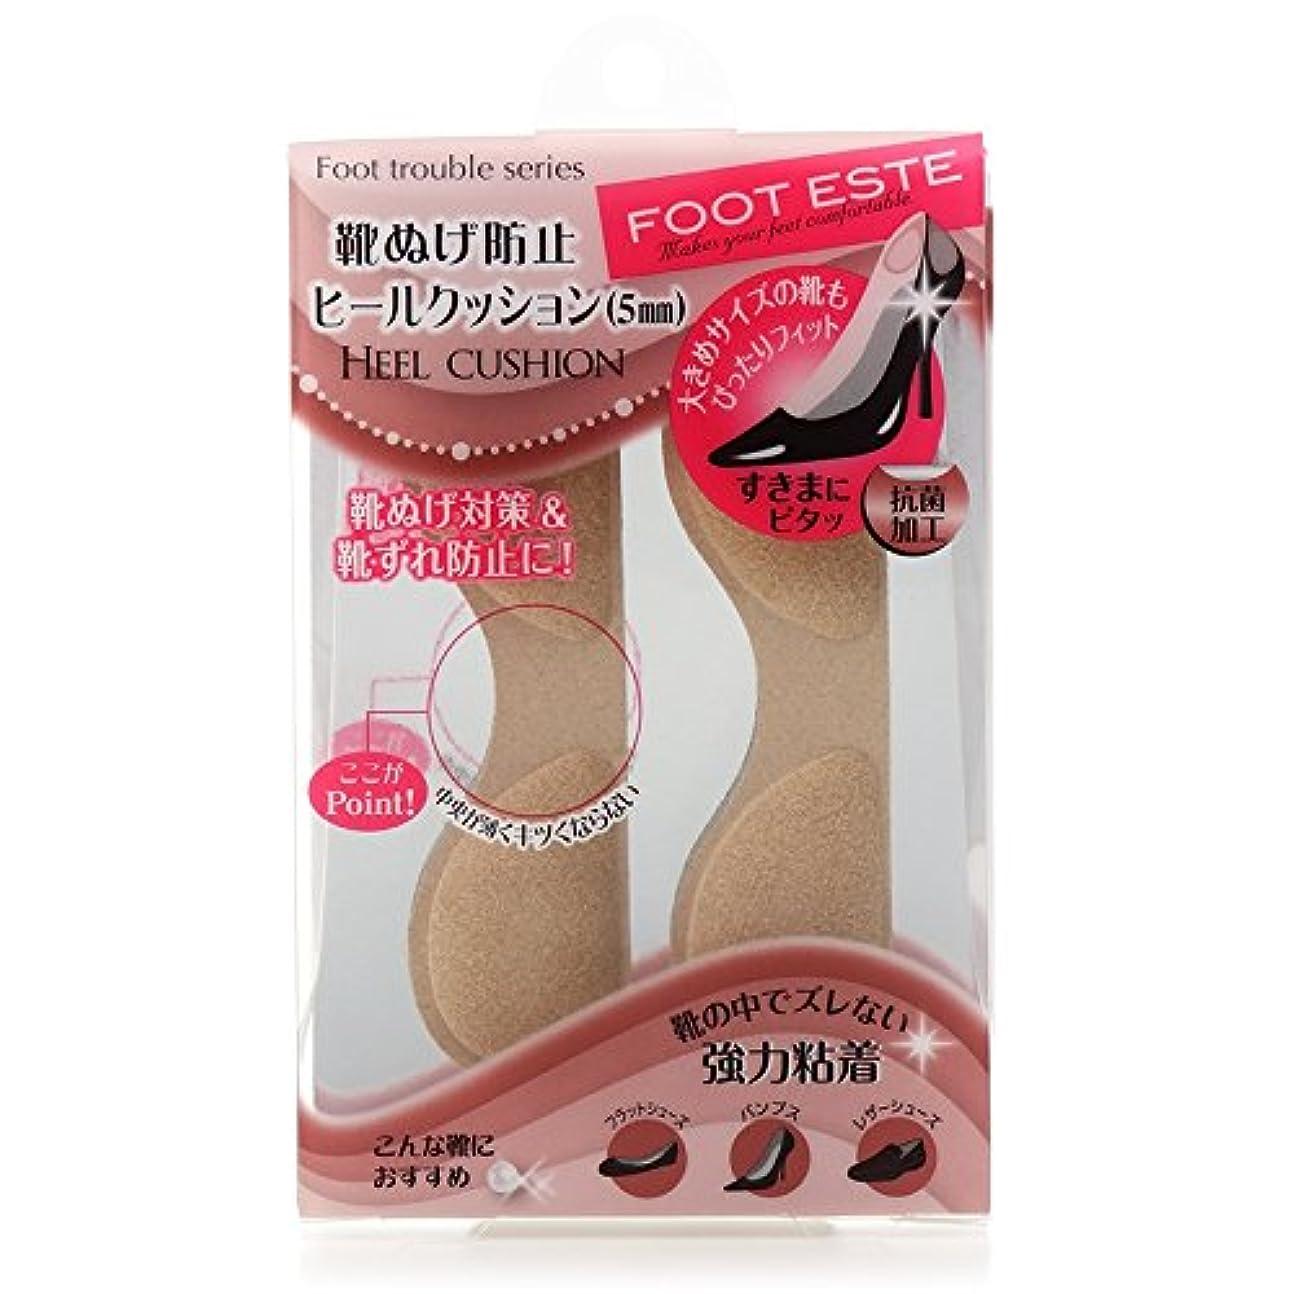 恵み頬骨マトロンフットエステ フットトラブルシリーズ 靴ぬげ防止ヒールクッション(5mm)